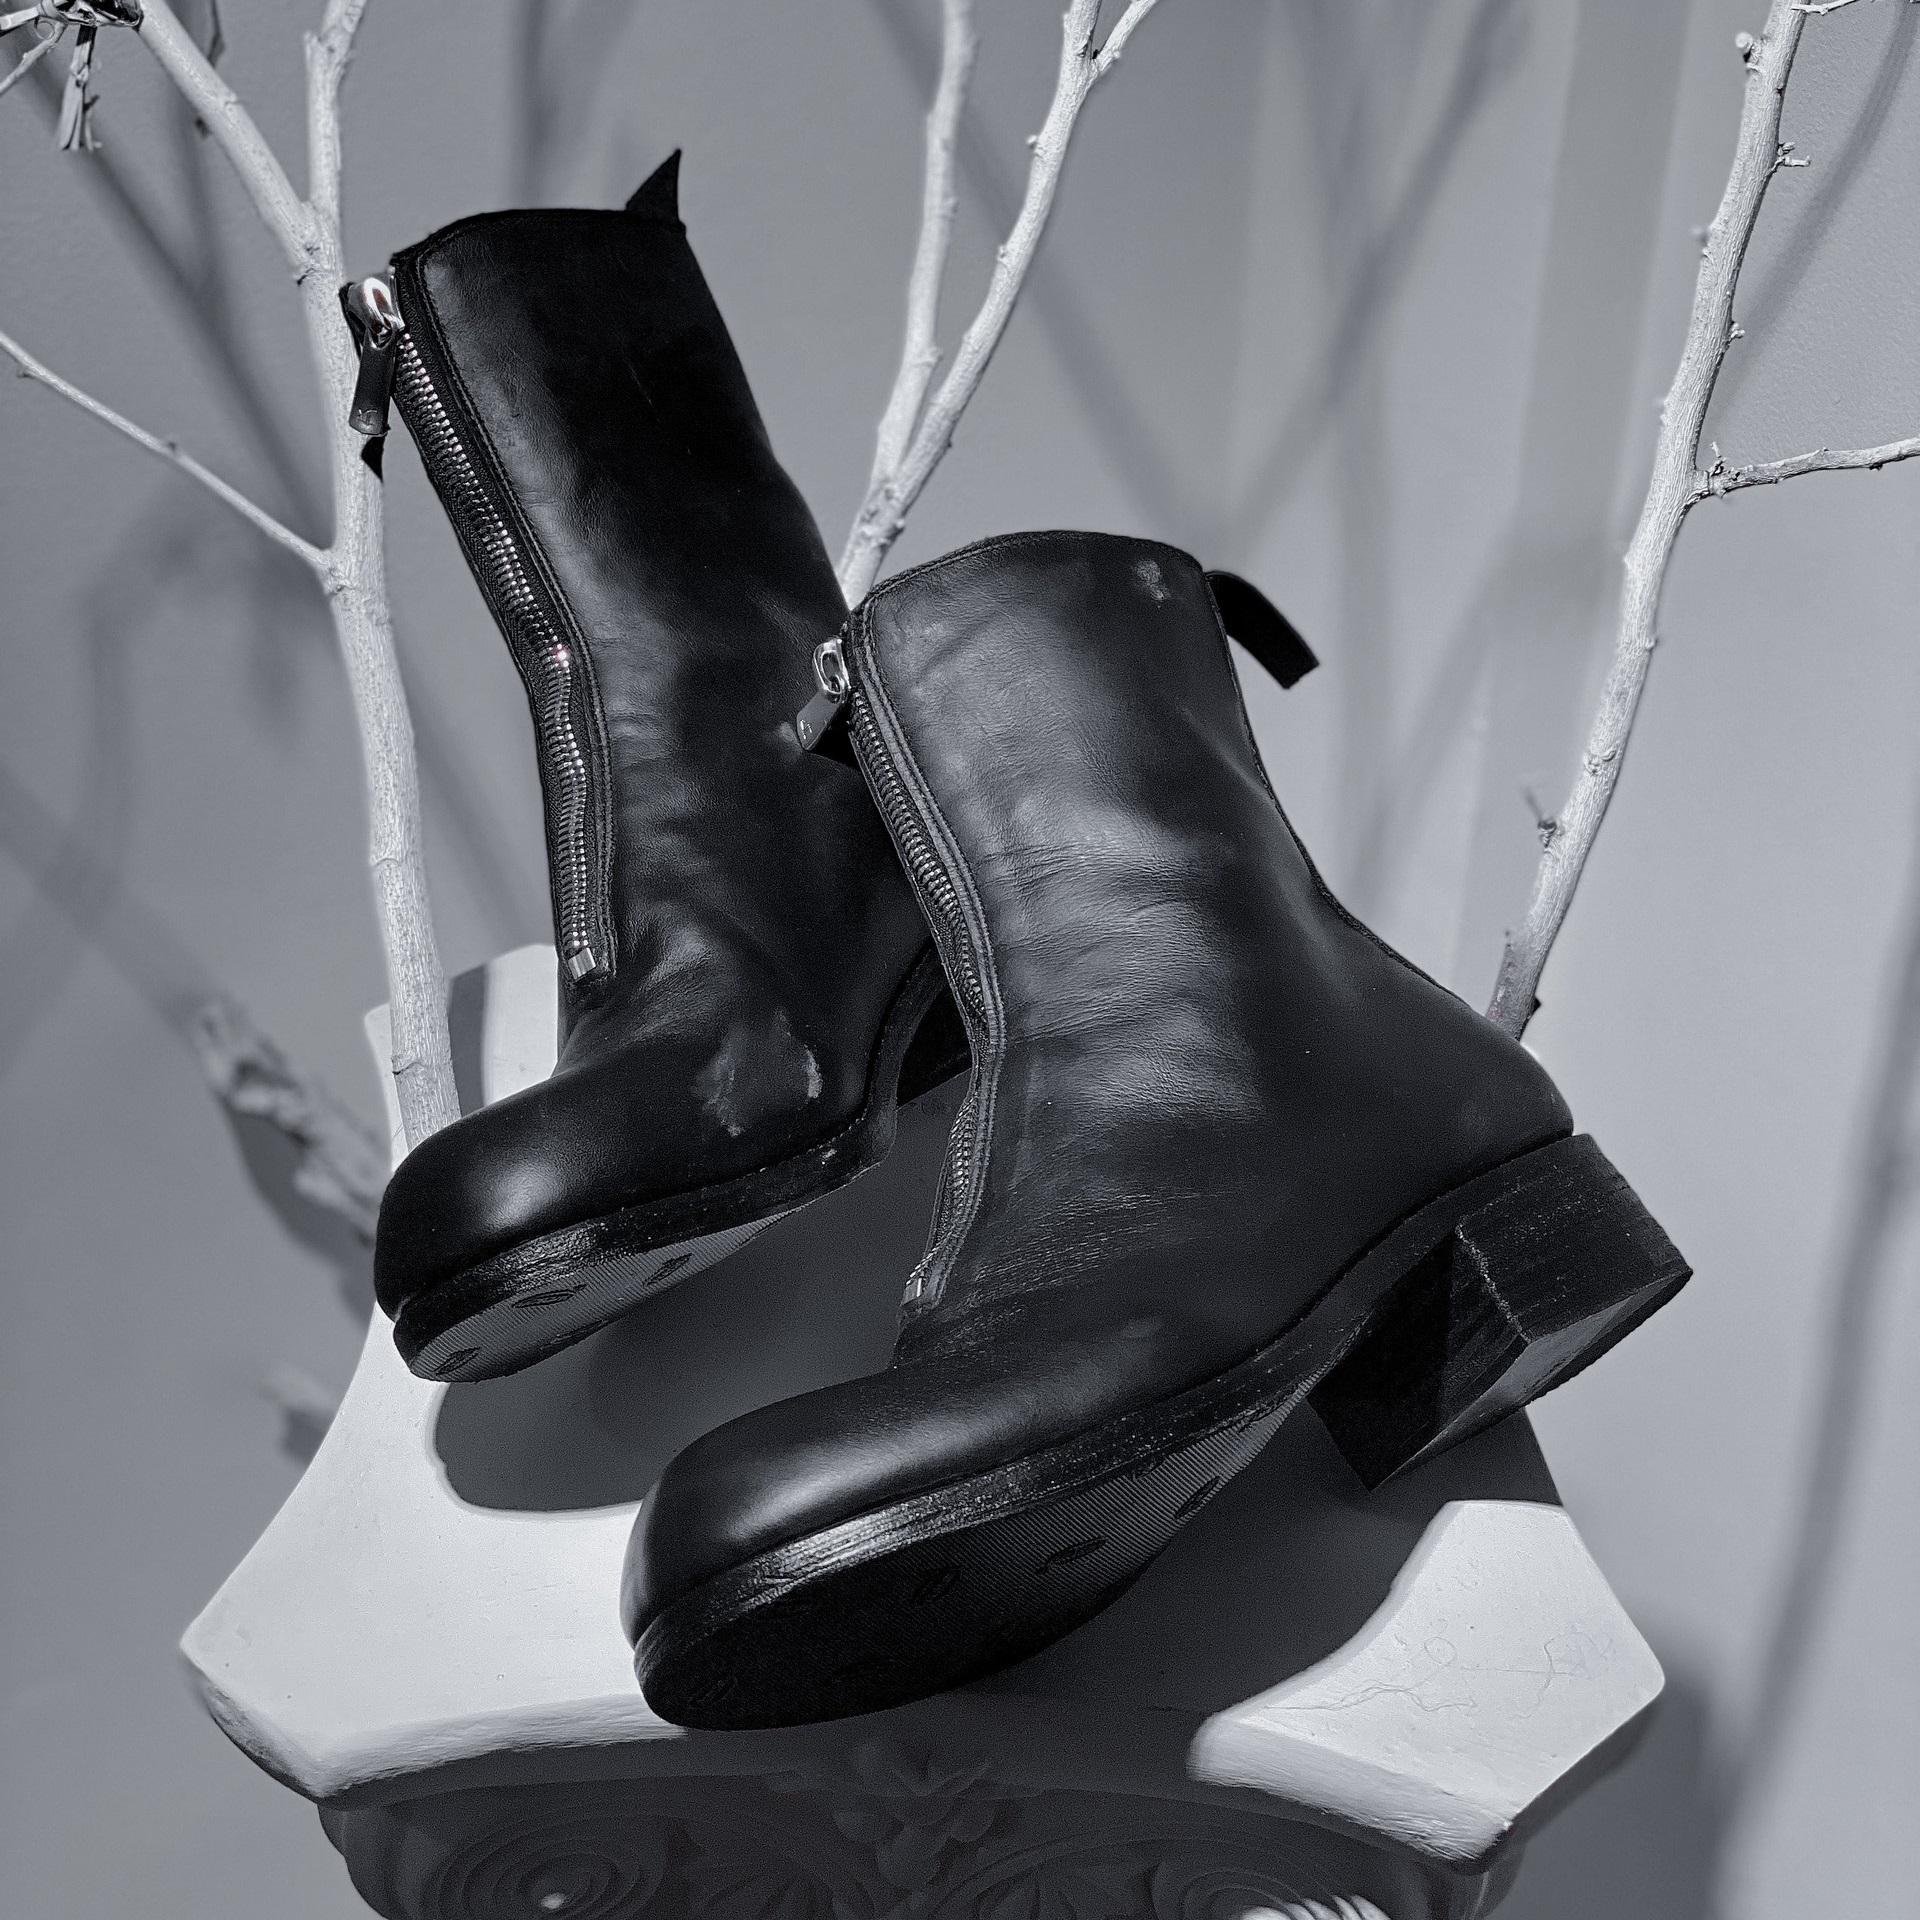 WALKER 815B - WALKER FRONT ZIP BOOTS IN BLACK